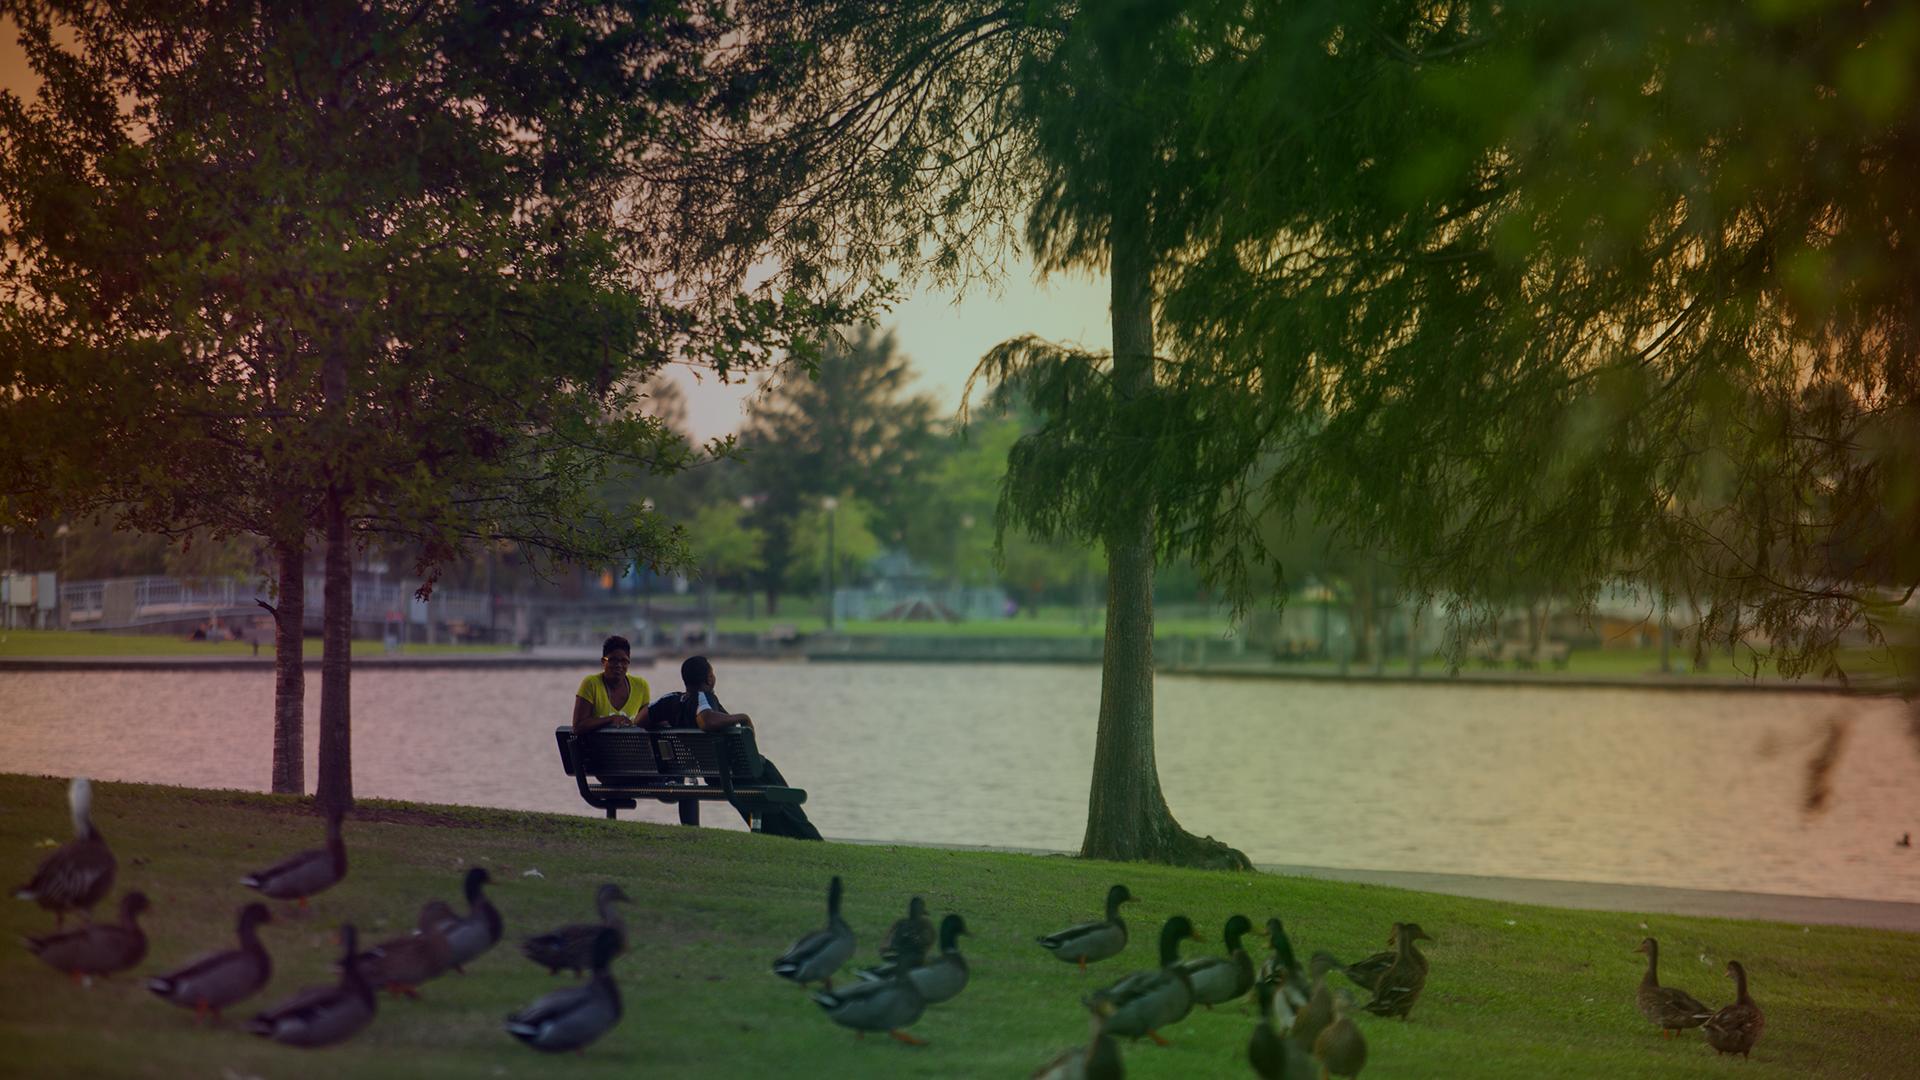 Lafrienere Park